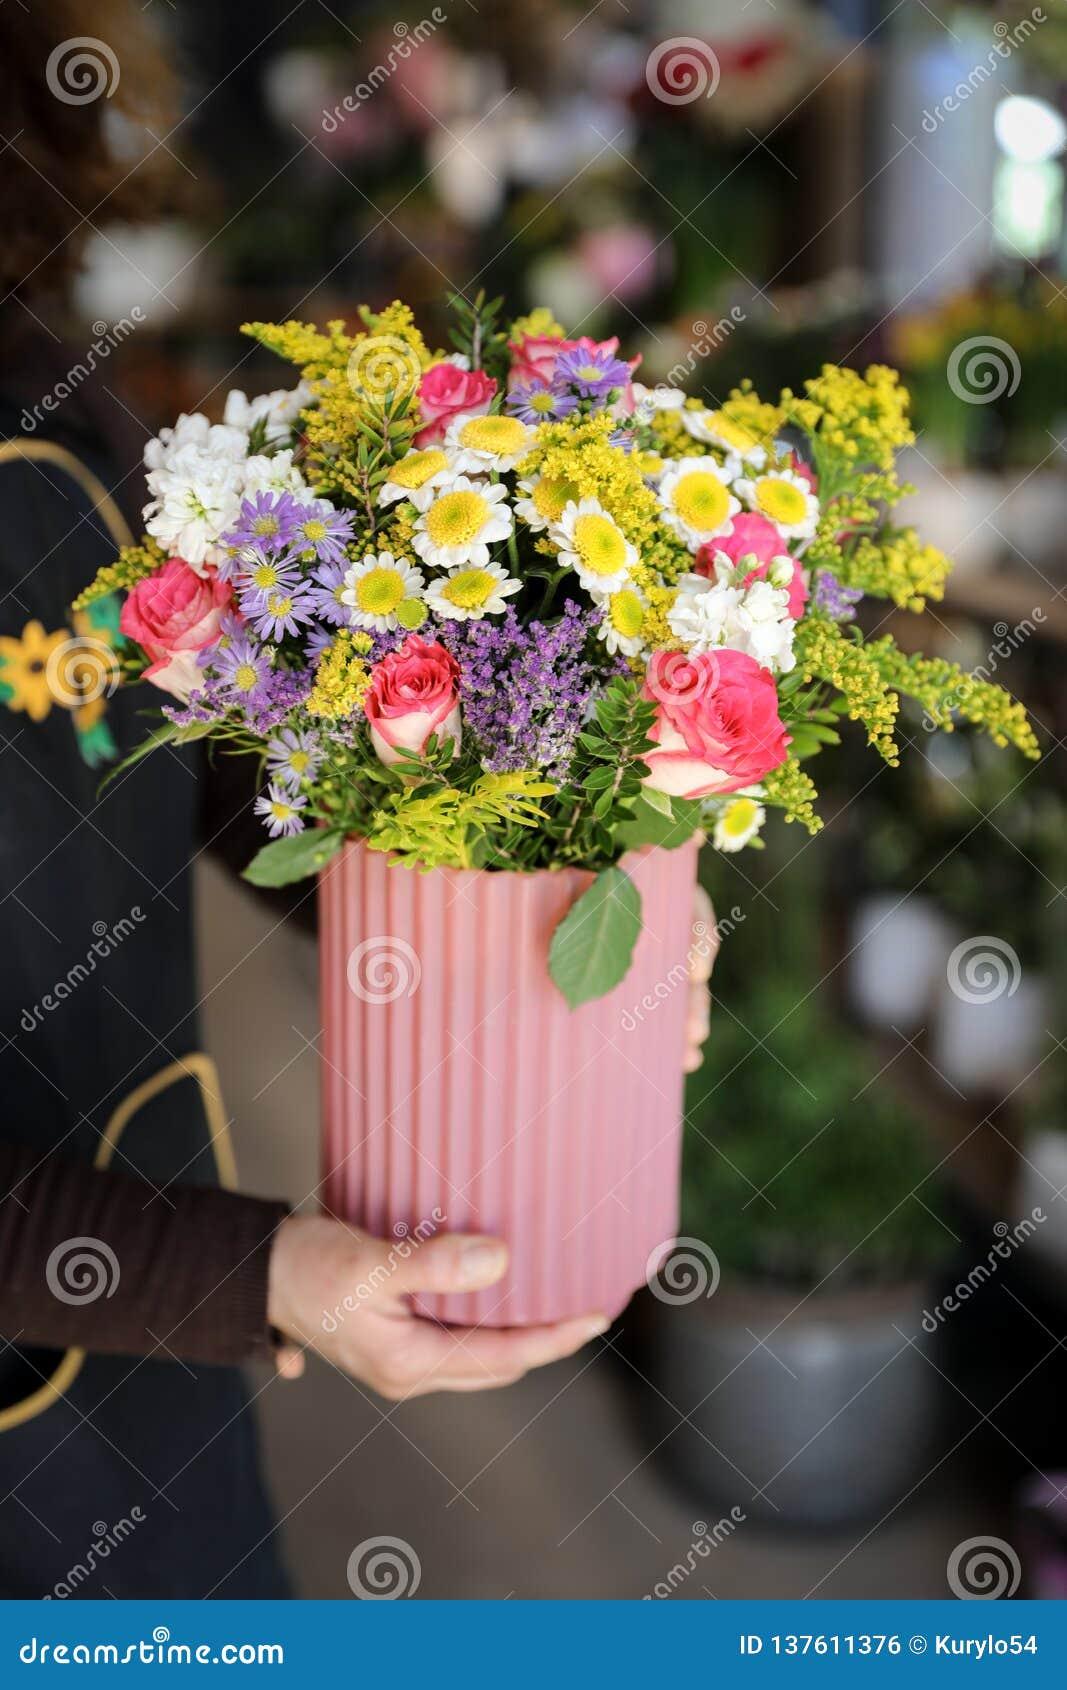 Fiorista che tiene un vaso con bella disposizione dei fiori delle rose rosa, degli aster lilla, dei crisantemi bianchi e di altre